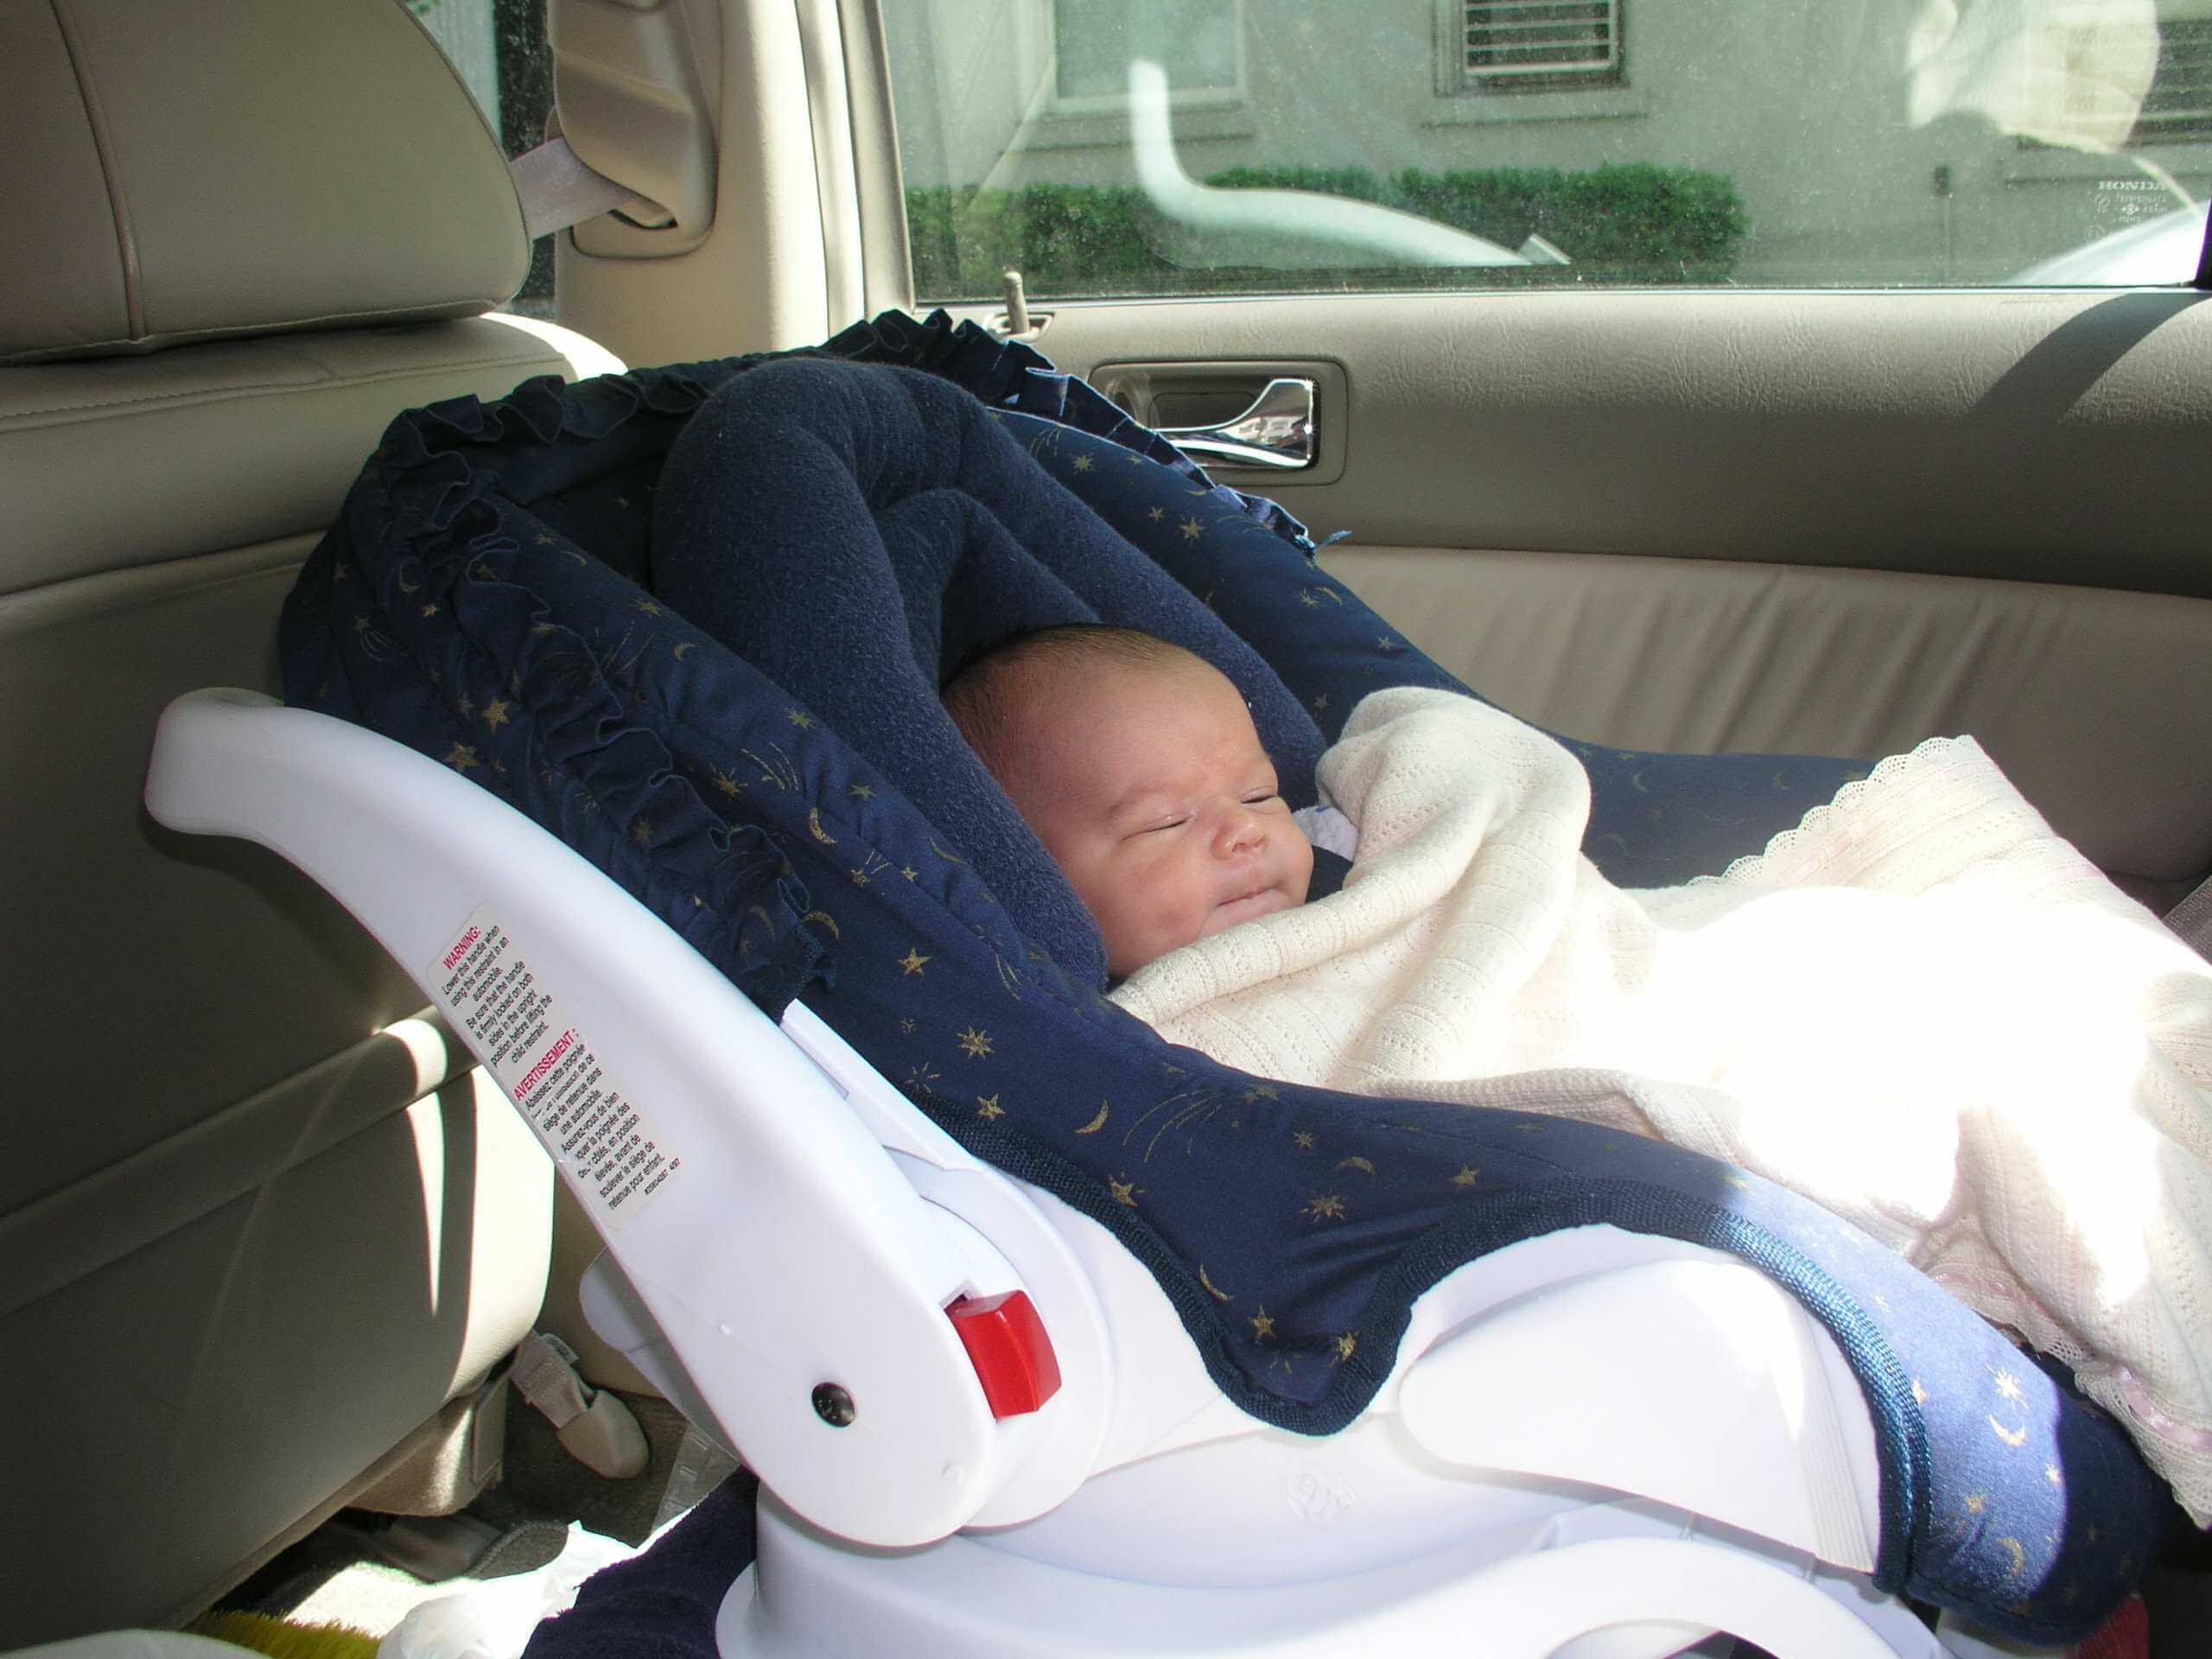 Дети: как возить новорожденного в машине